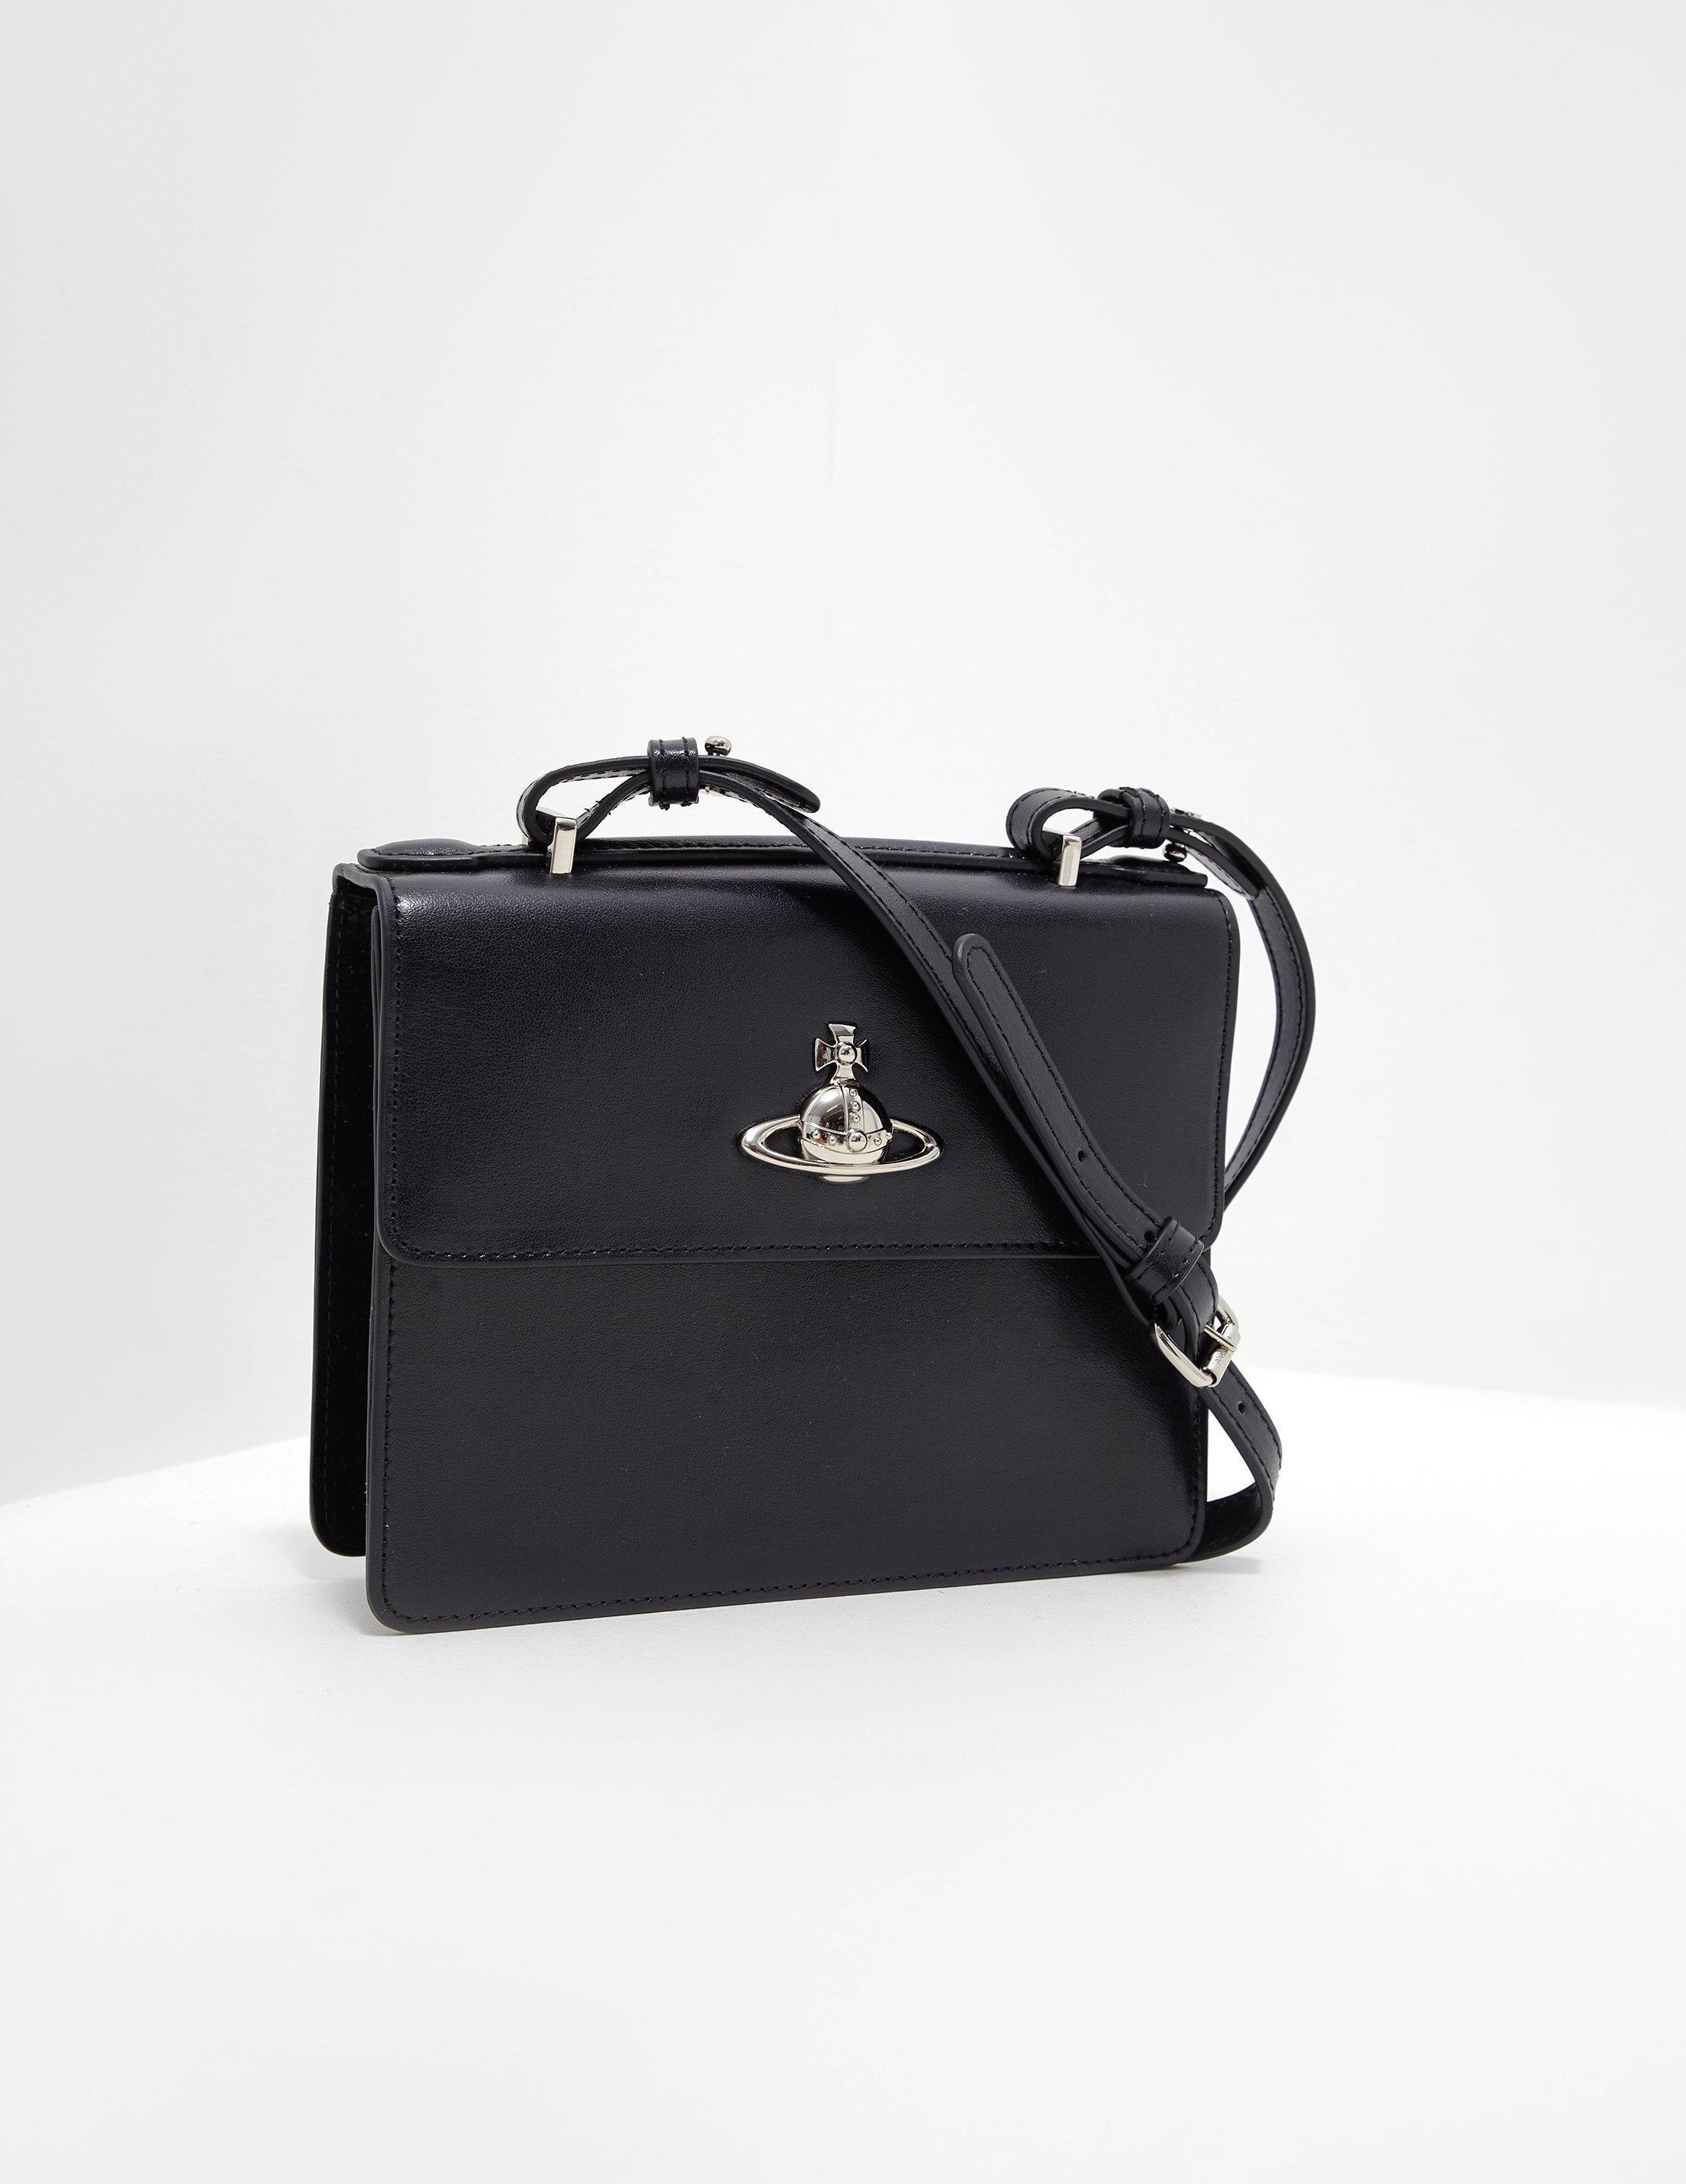 Vivienne Westwood Womens Matilda Shoulder Bag Black in Black - Lyst 55f14d43b5af3